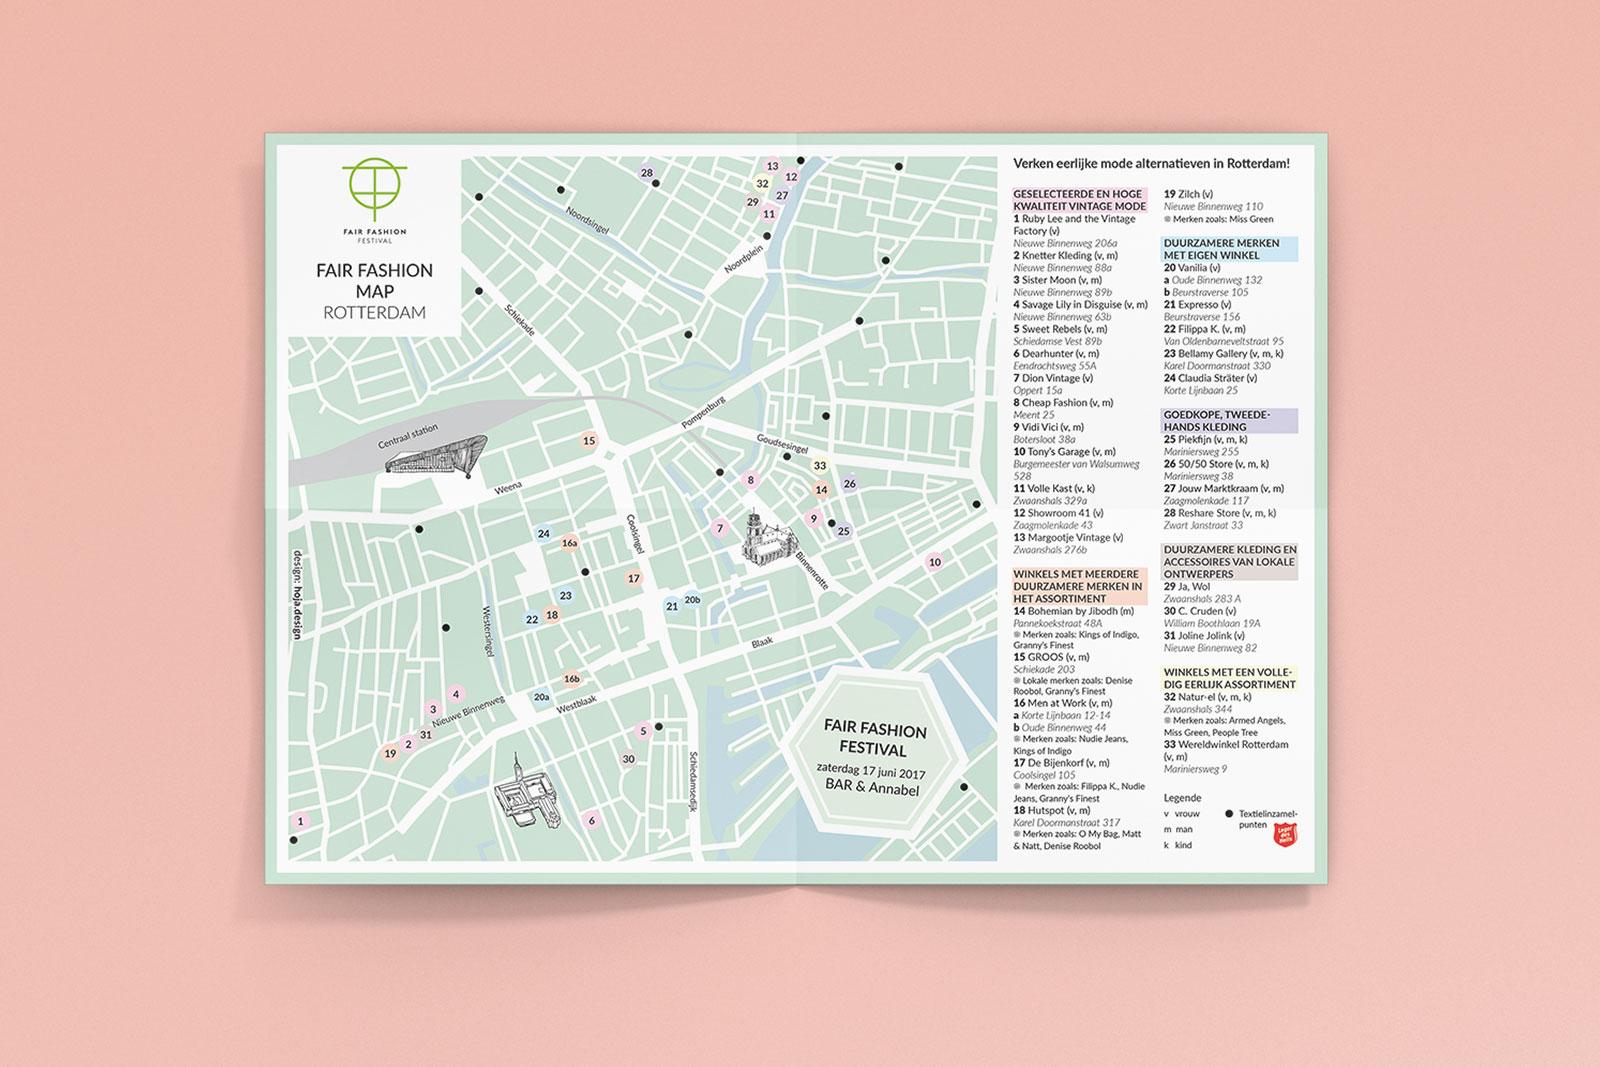 Fair Fashion Festival Rotterdam Map